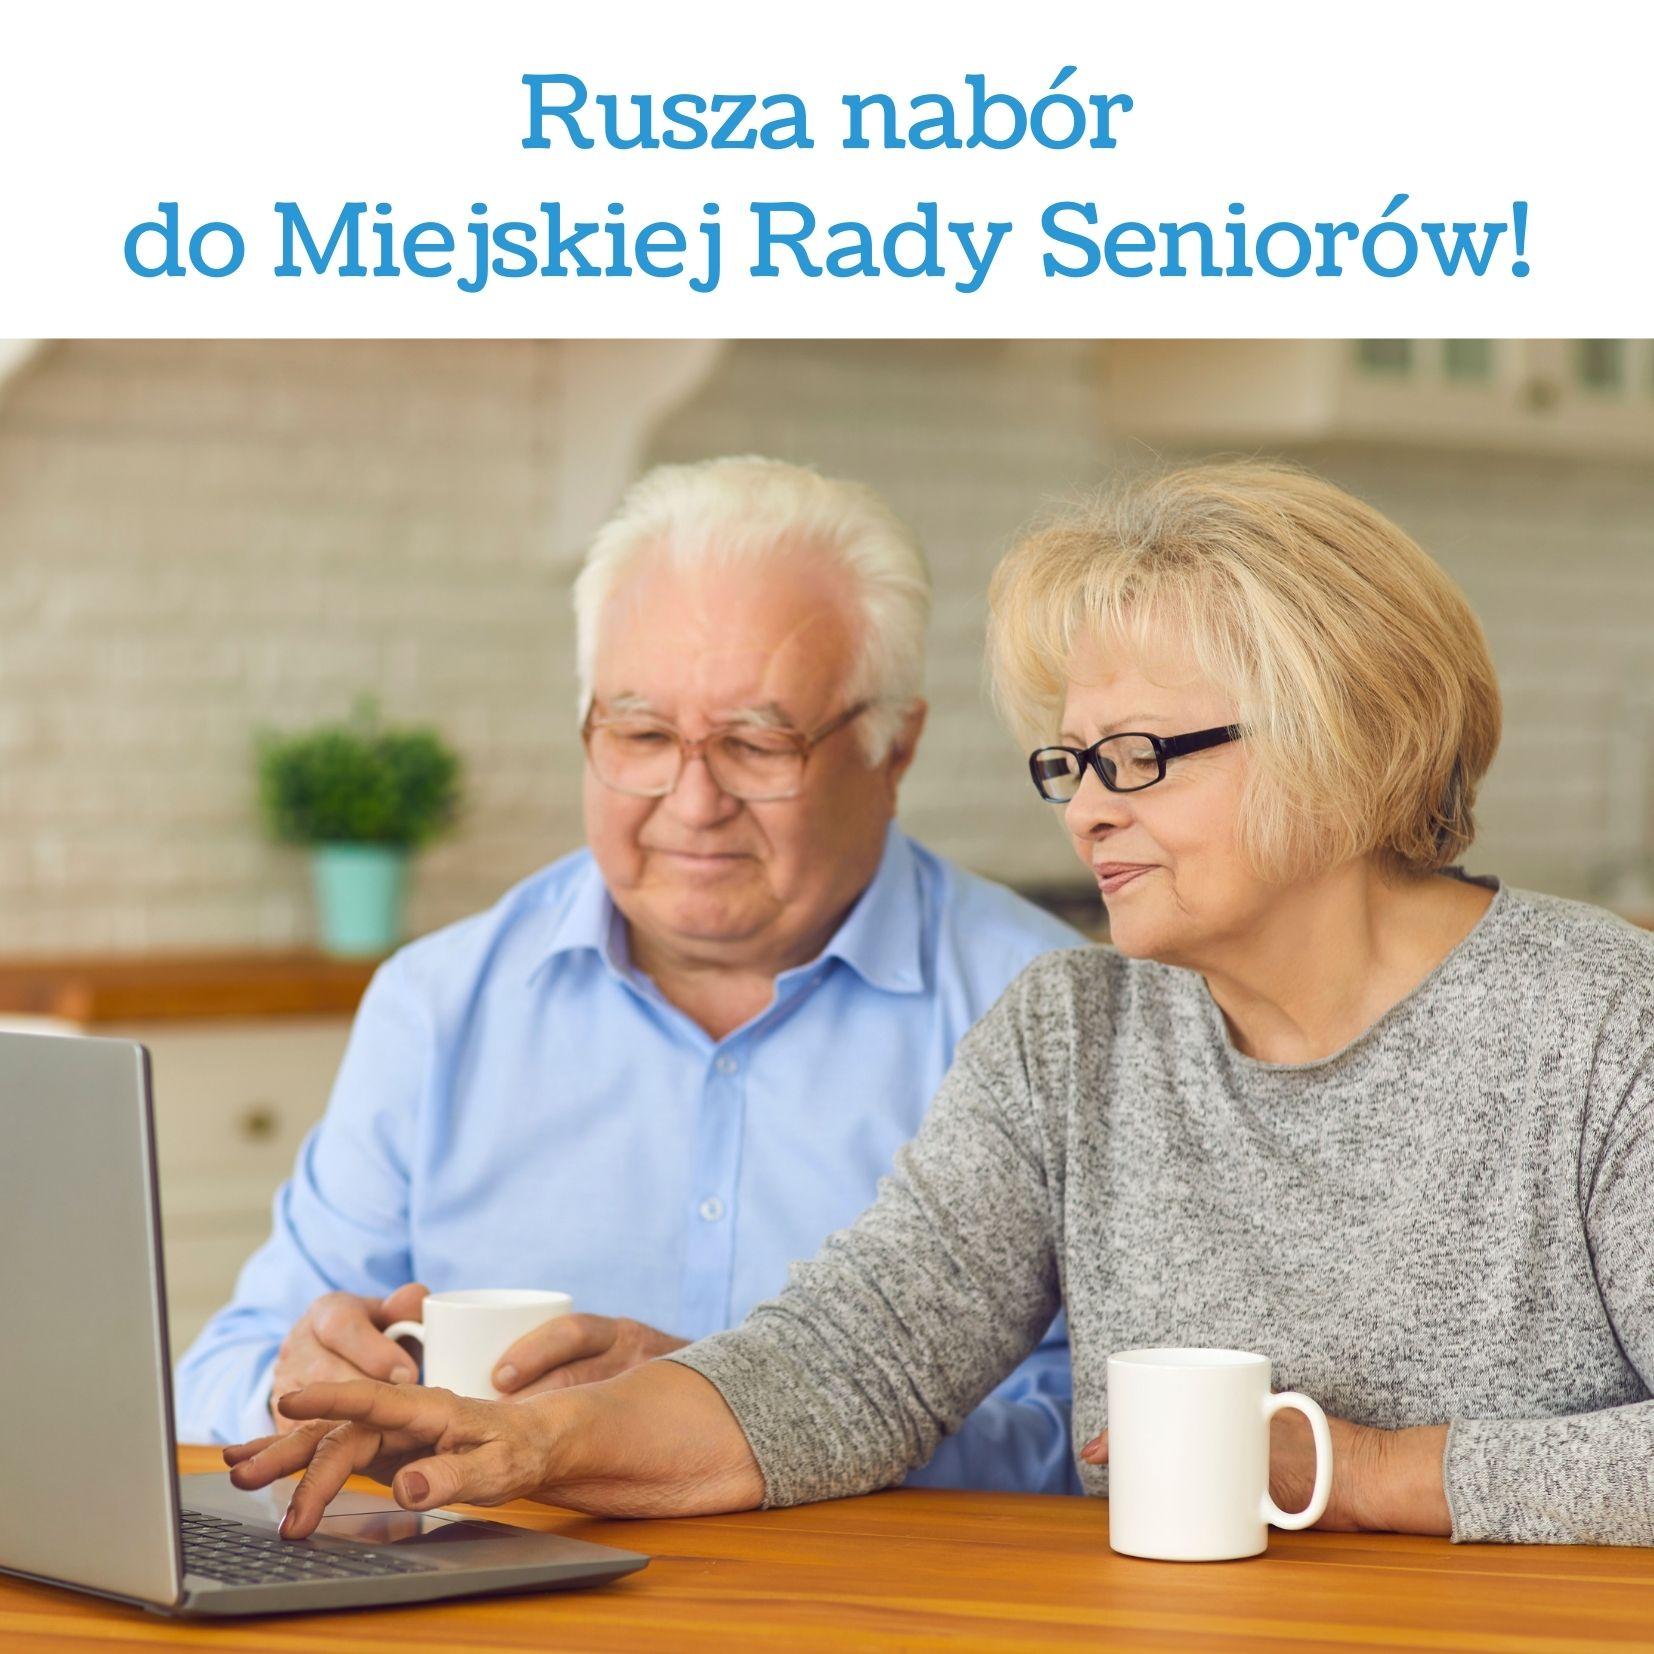 Rusza nabór do Miejskiej Rady Seniorów!